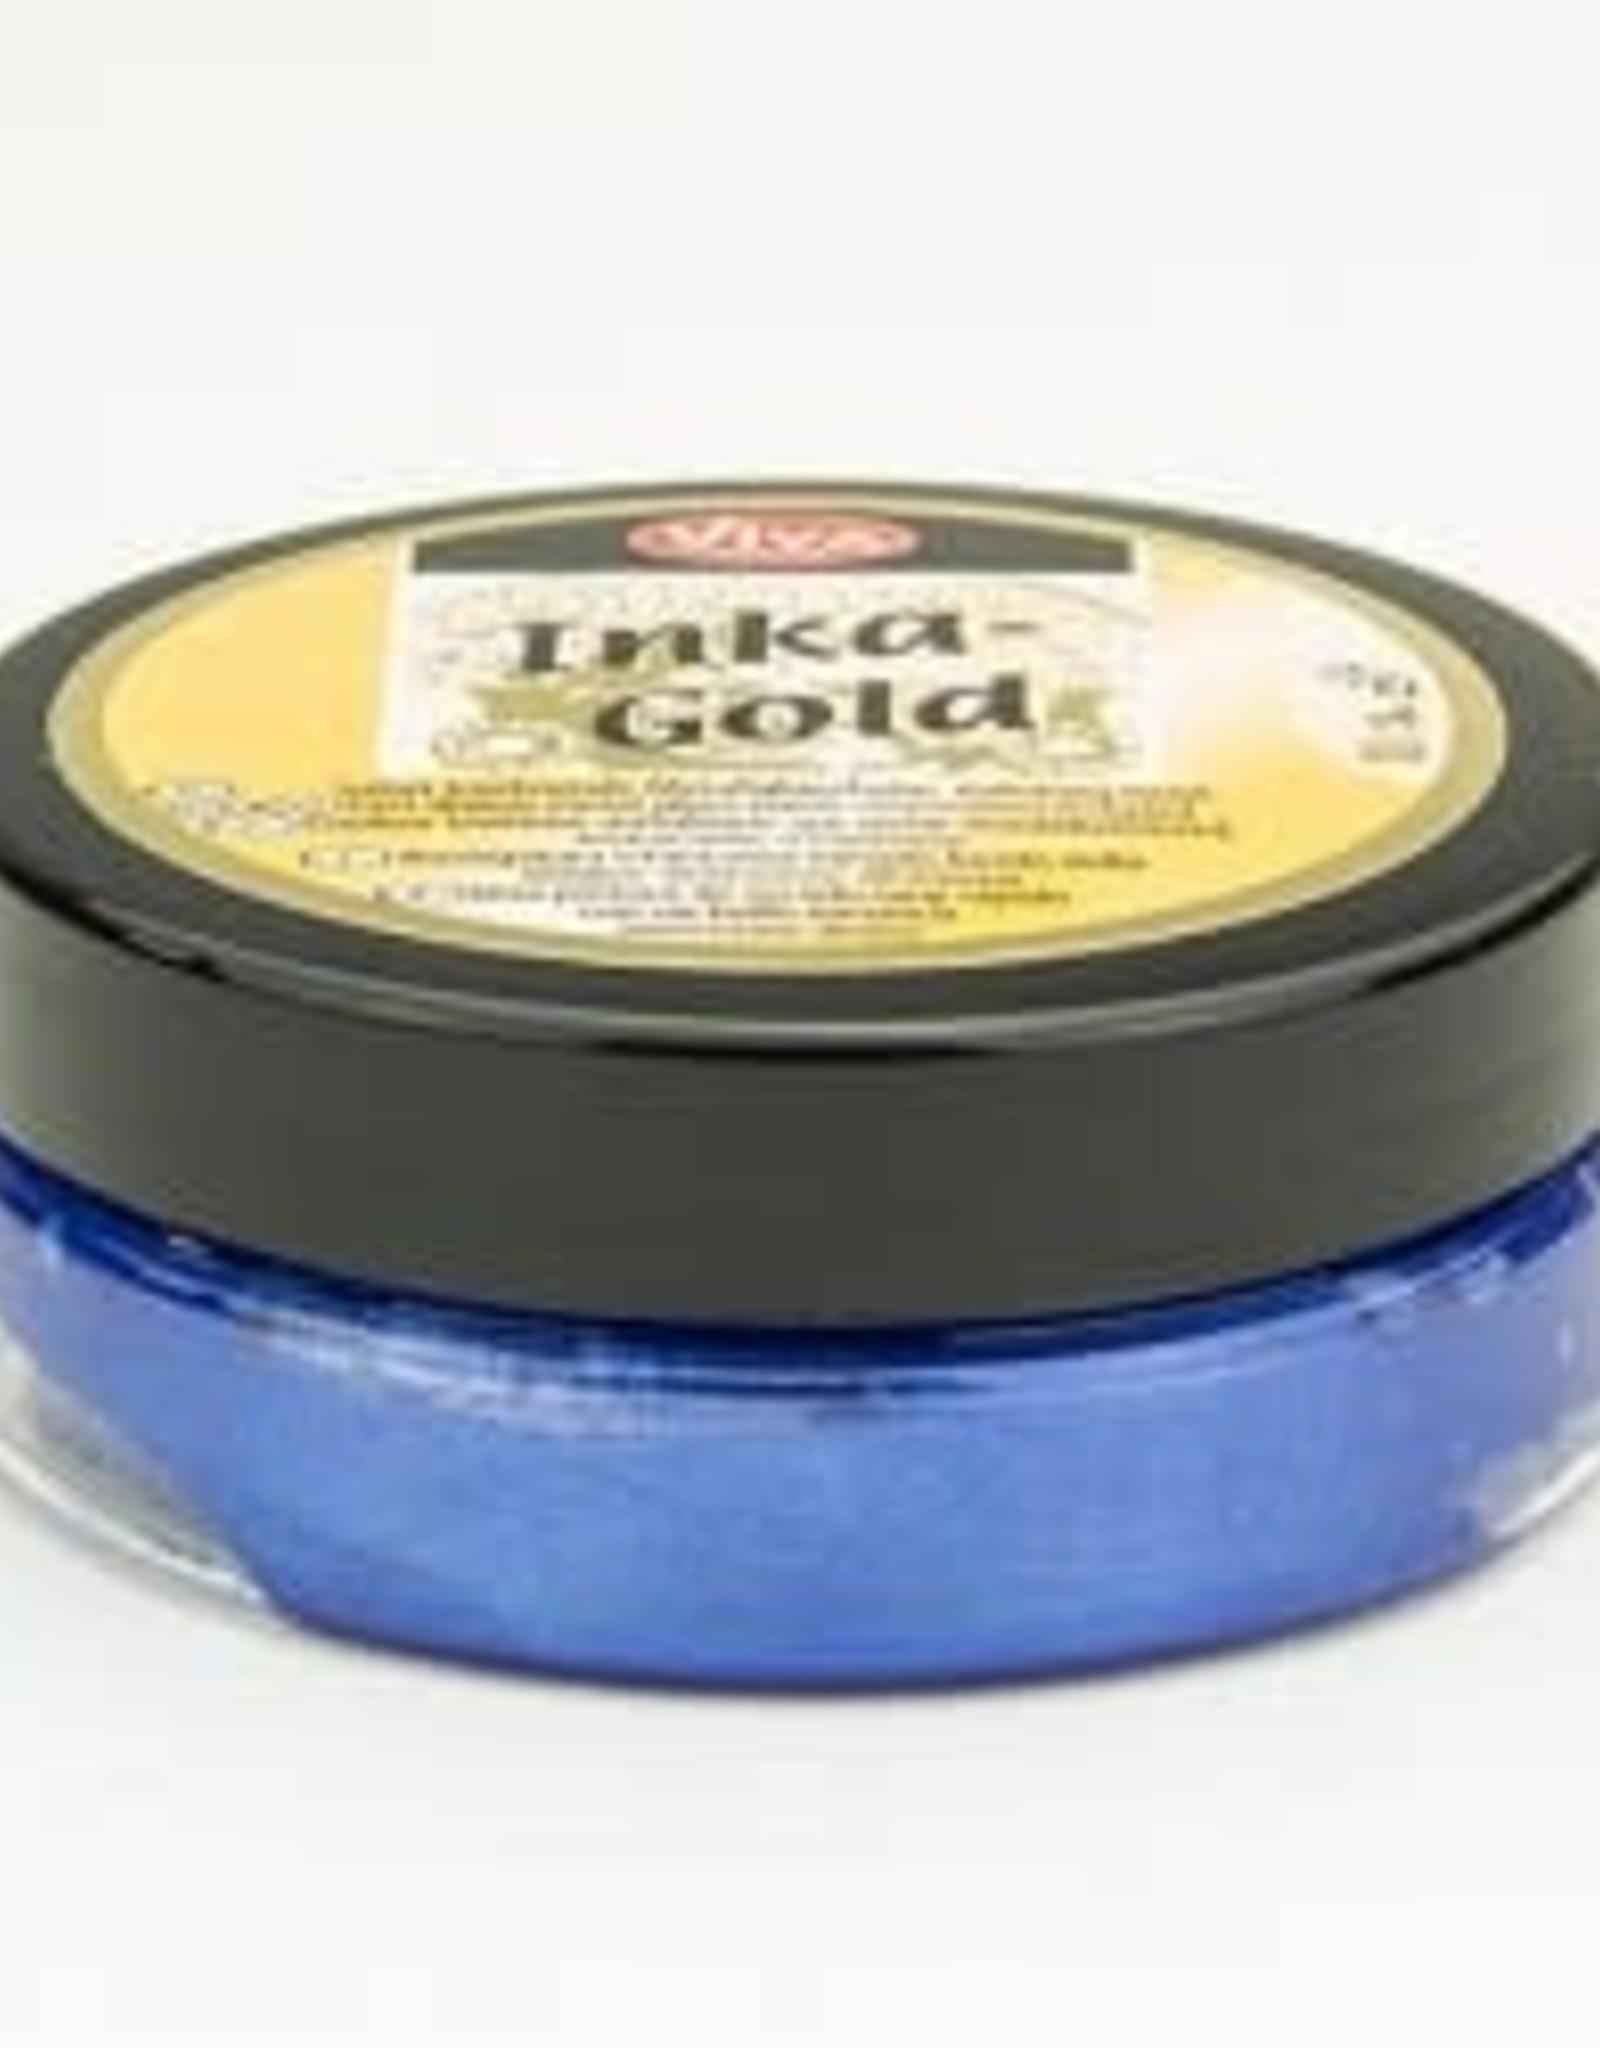 Inka-Gold Kobalt